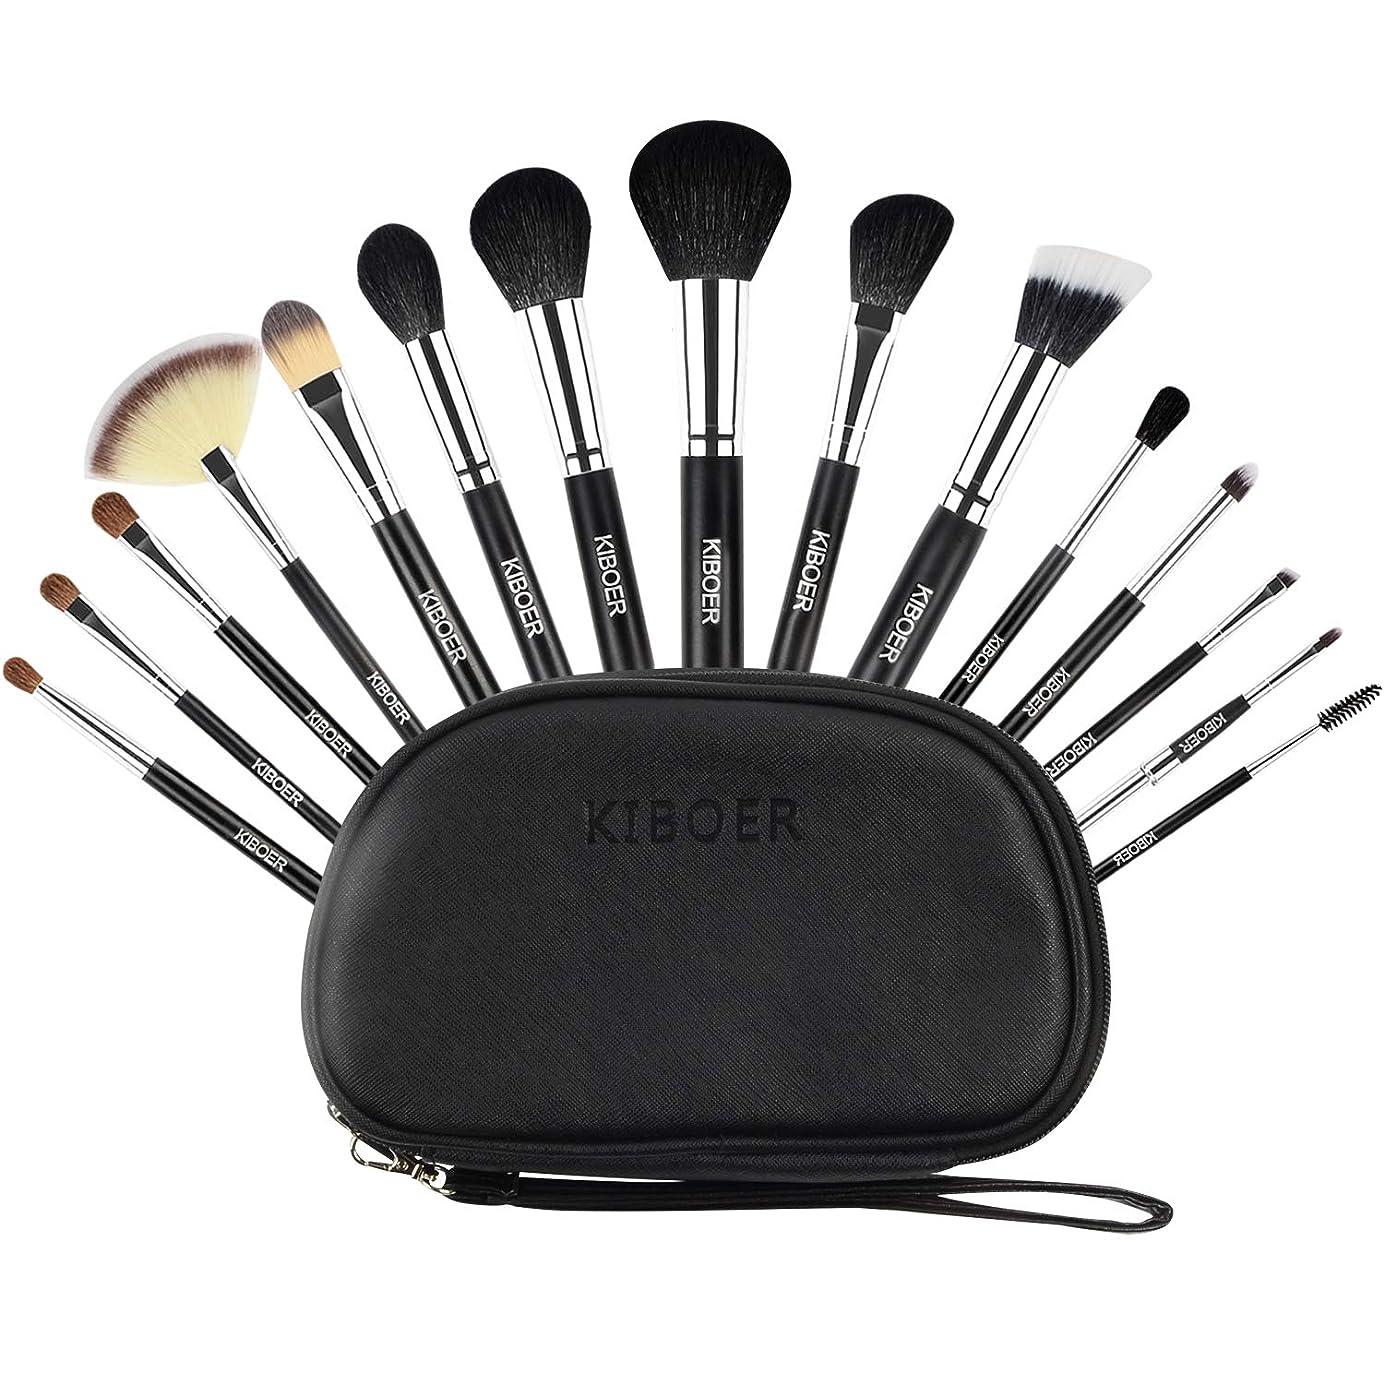 Kiboer メイクブラシ 15本セット 化粧筆 化粧ブラシ 馬毛をふんだんに使用 高級タクロン 乾きが速い 超柔らかい 高品質PUレザー化粧ポーチ付き 携帯便利